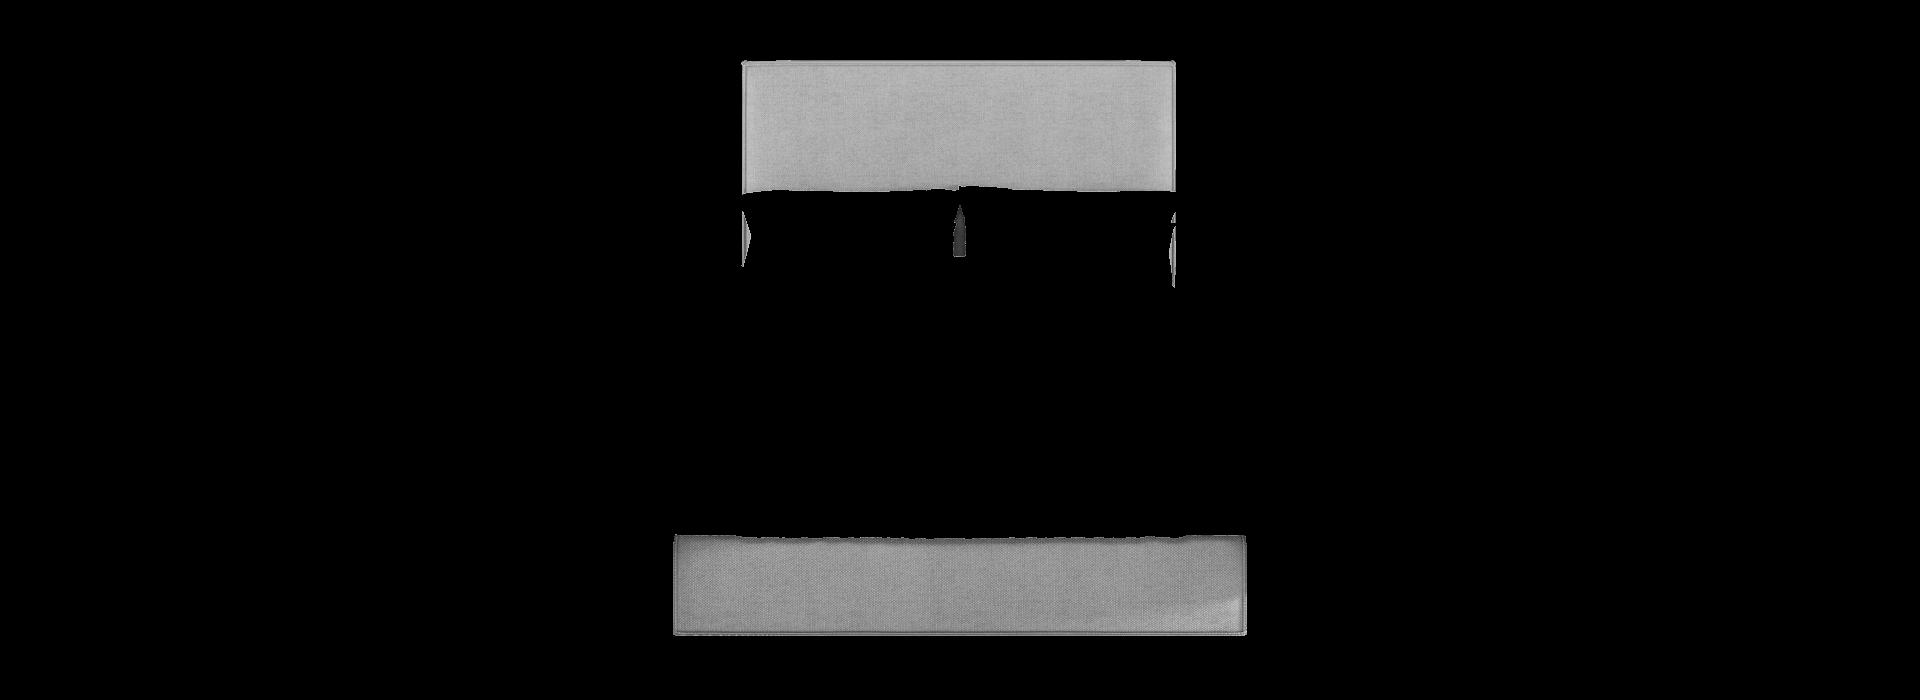 Лина 1.2 кровать с подъемником - маска 1